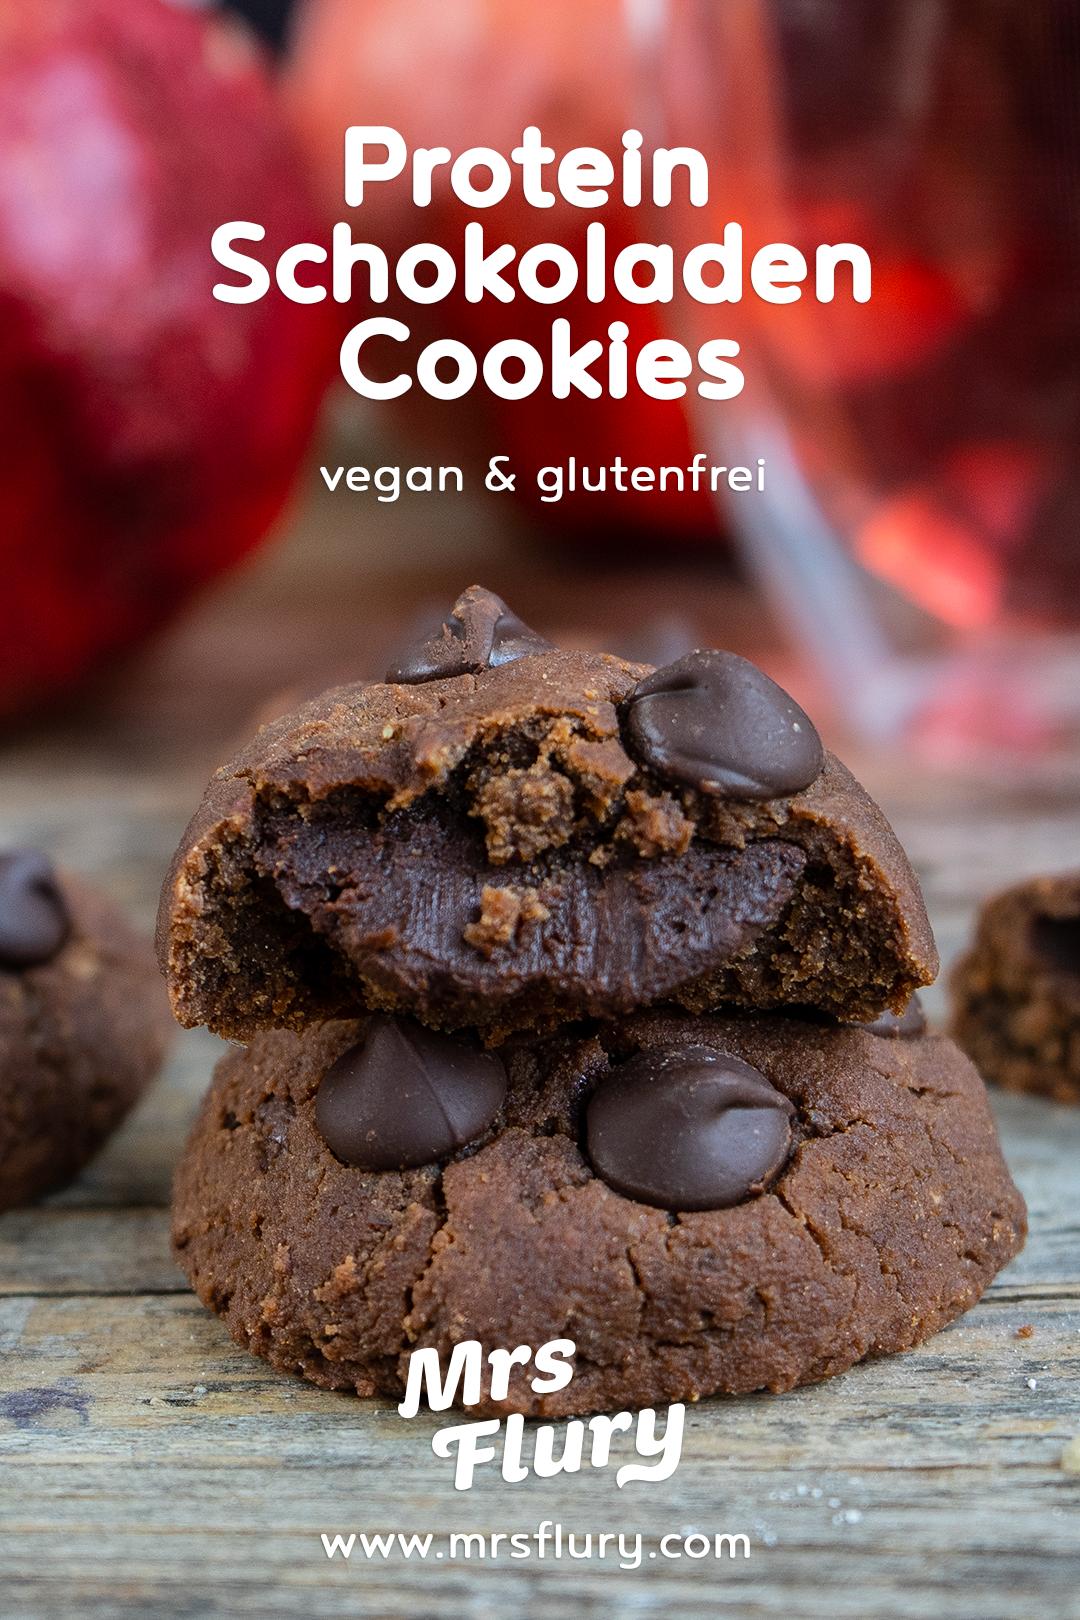 a33839c7b0 Schoko Protein Cookies vegan #mrsflury Mrs Flury gesunde Kekse, gesund  backen, einfach, proteinreich, glutenfrei, ohne Mehl, Schokokekse,  Schokolade, ...